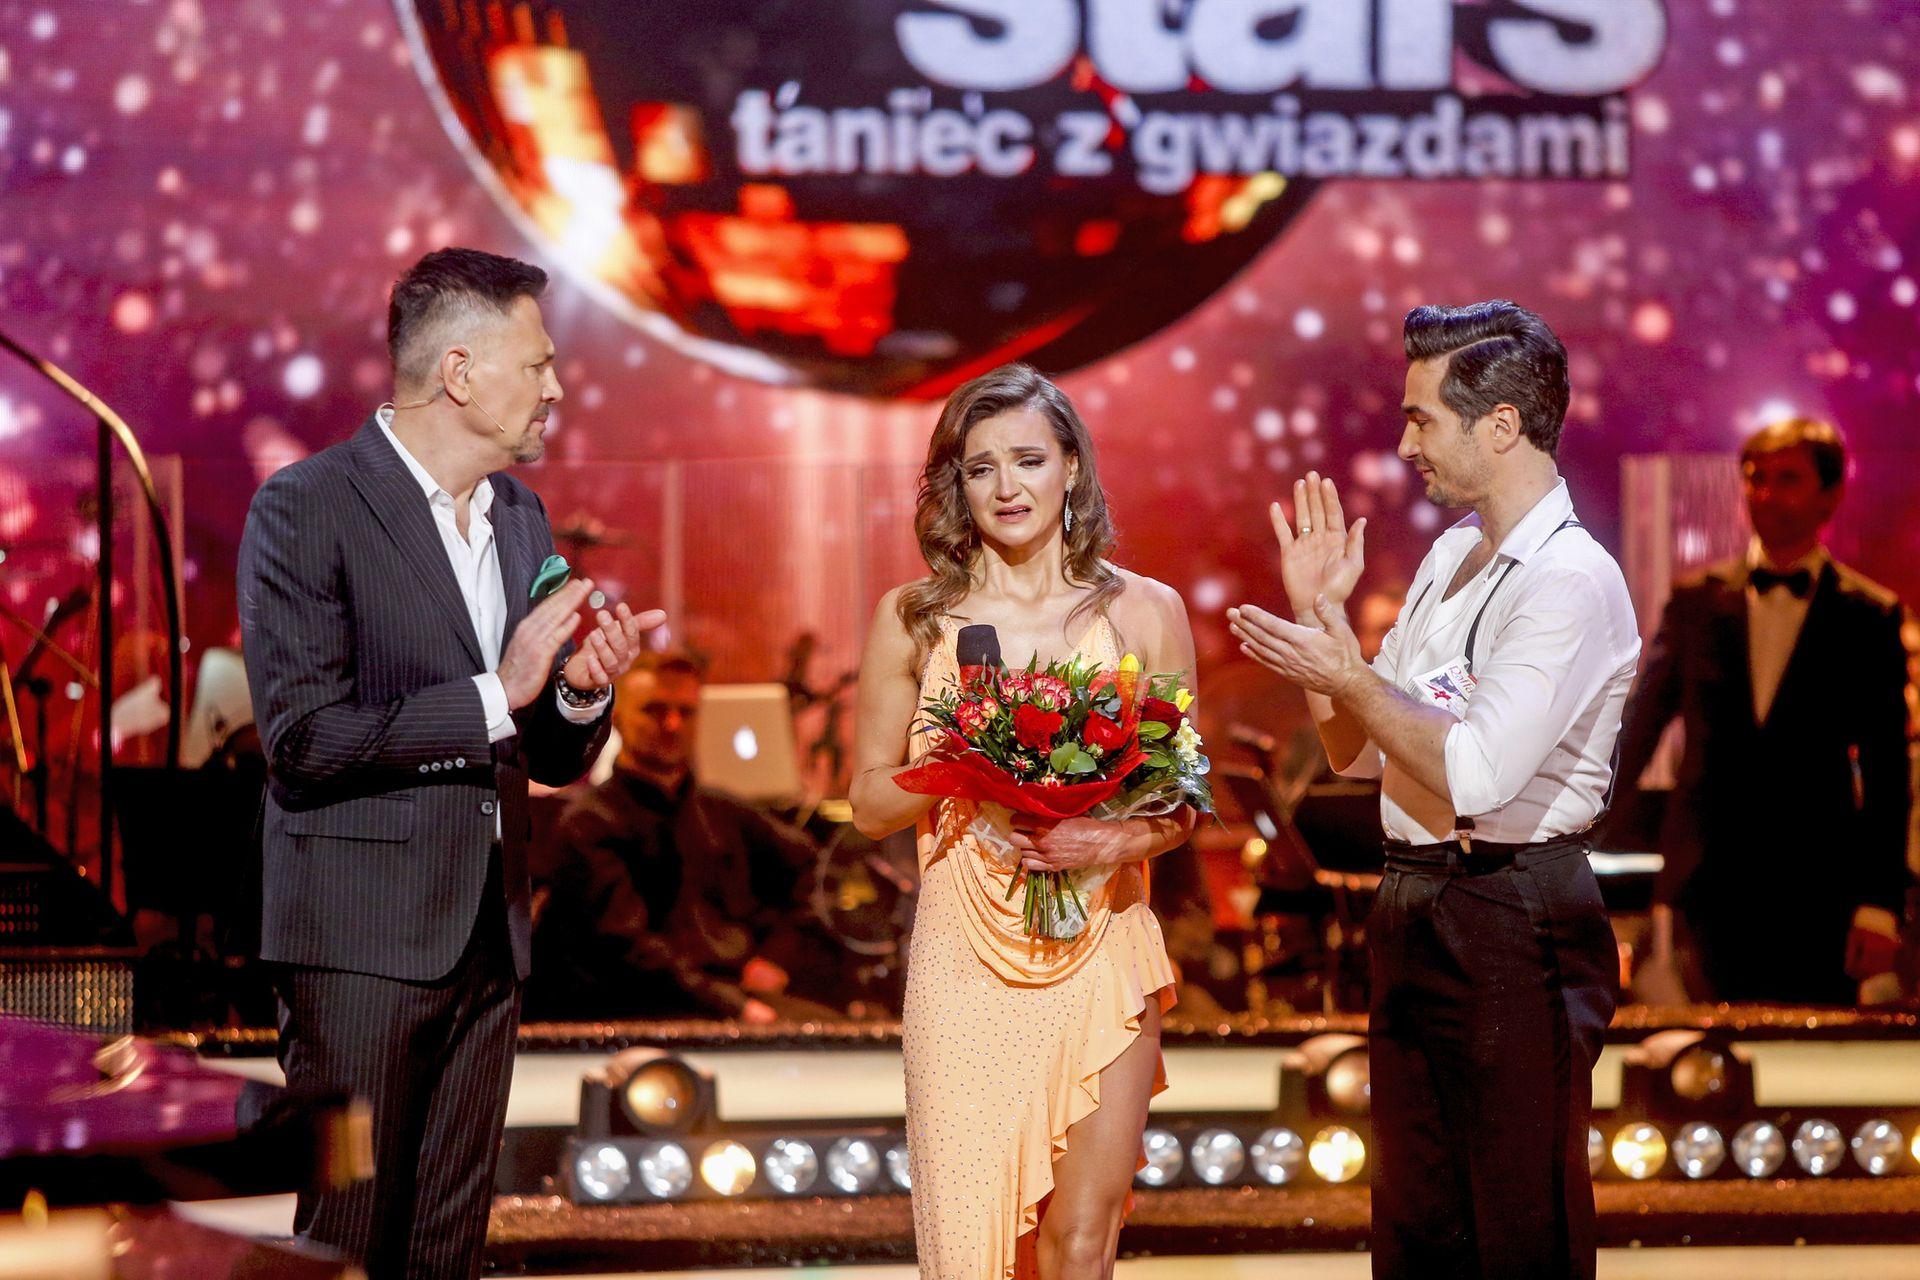 Joanna Mazur taniec z gwiazdami